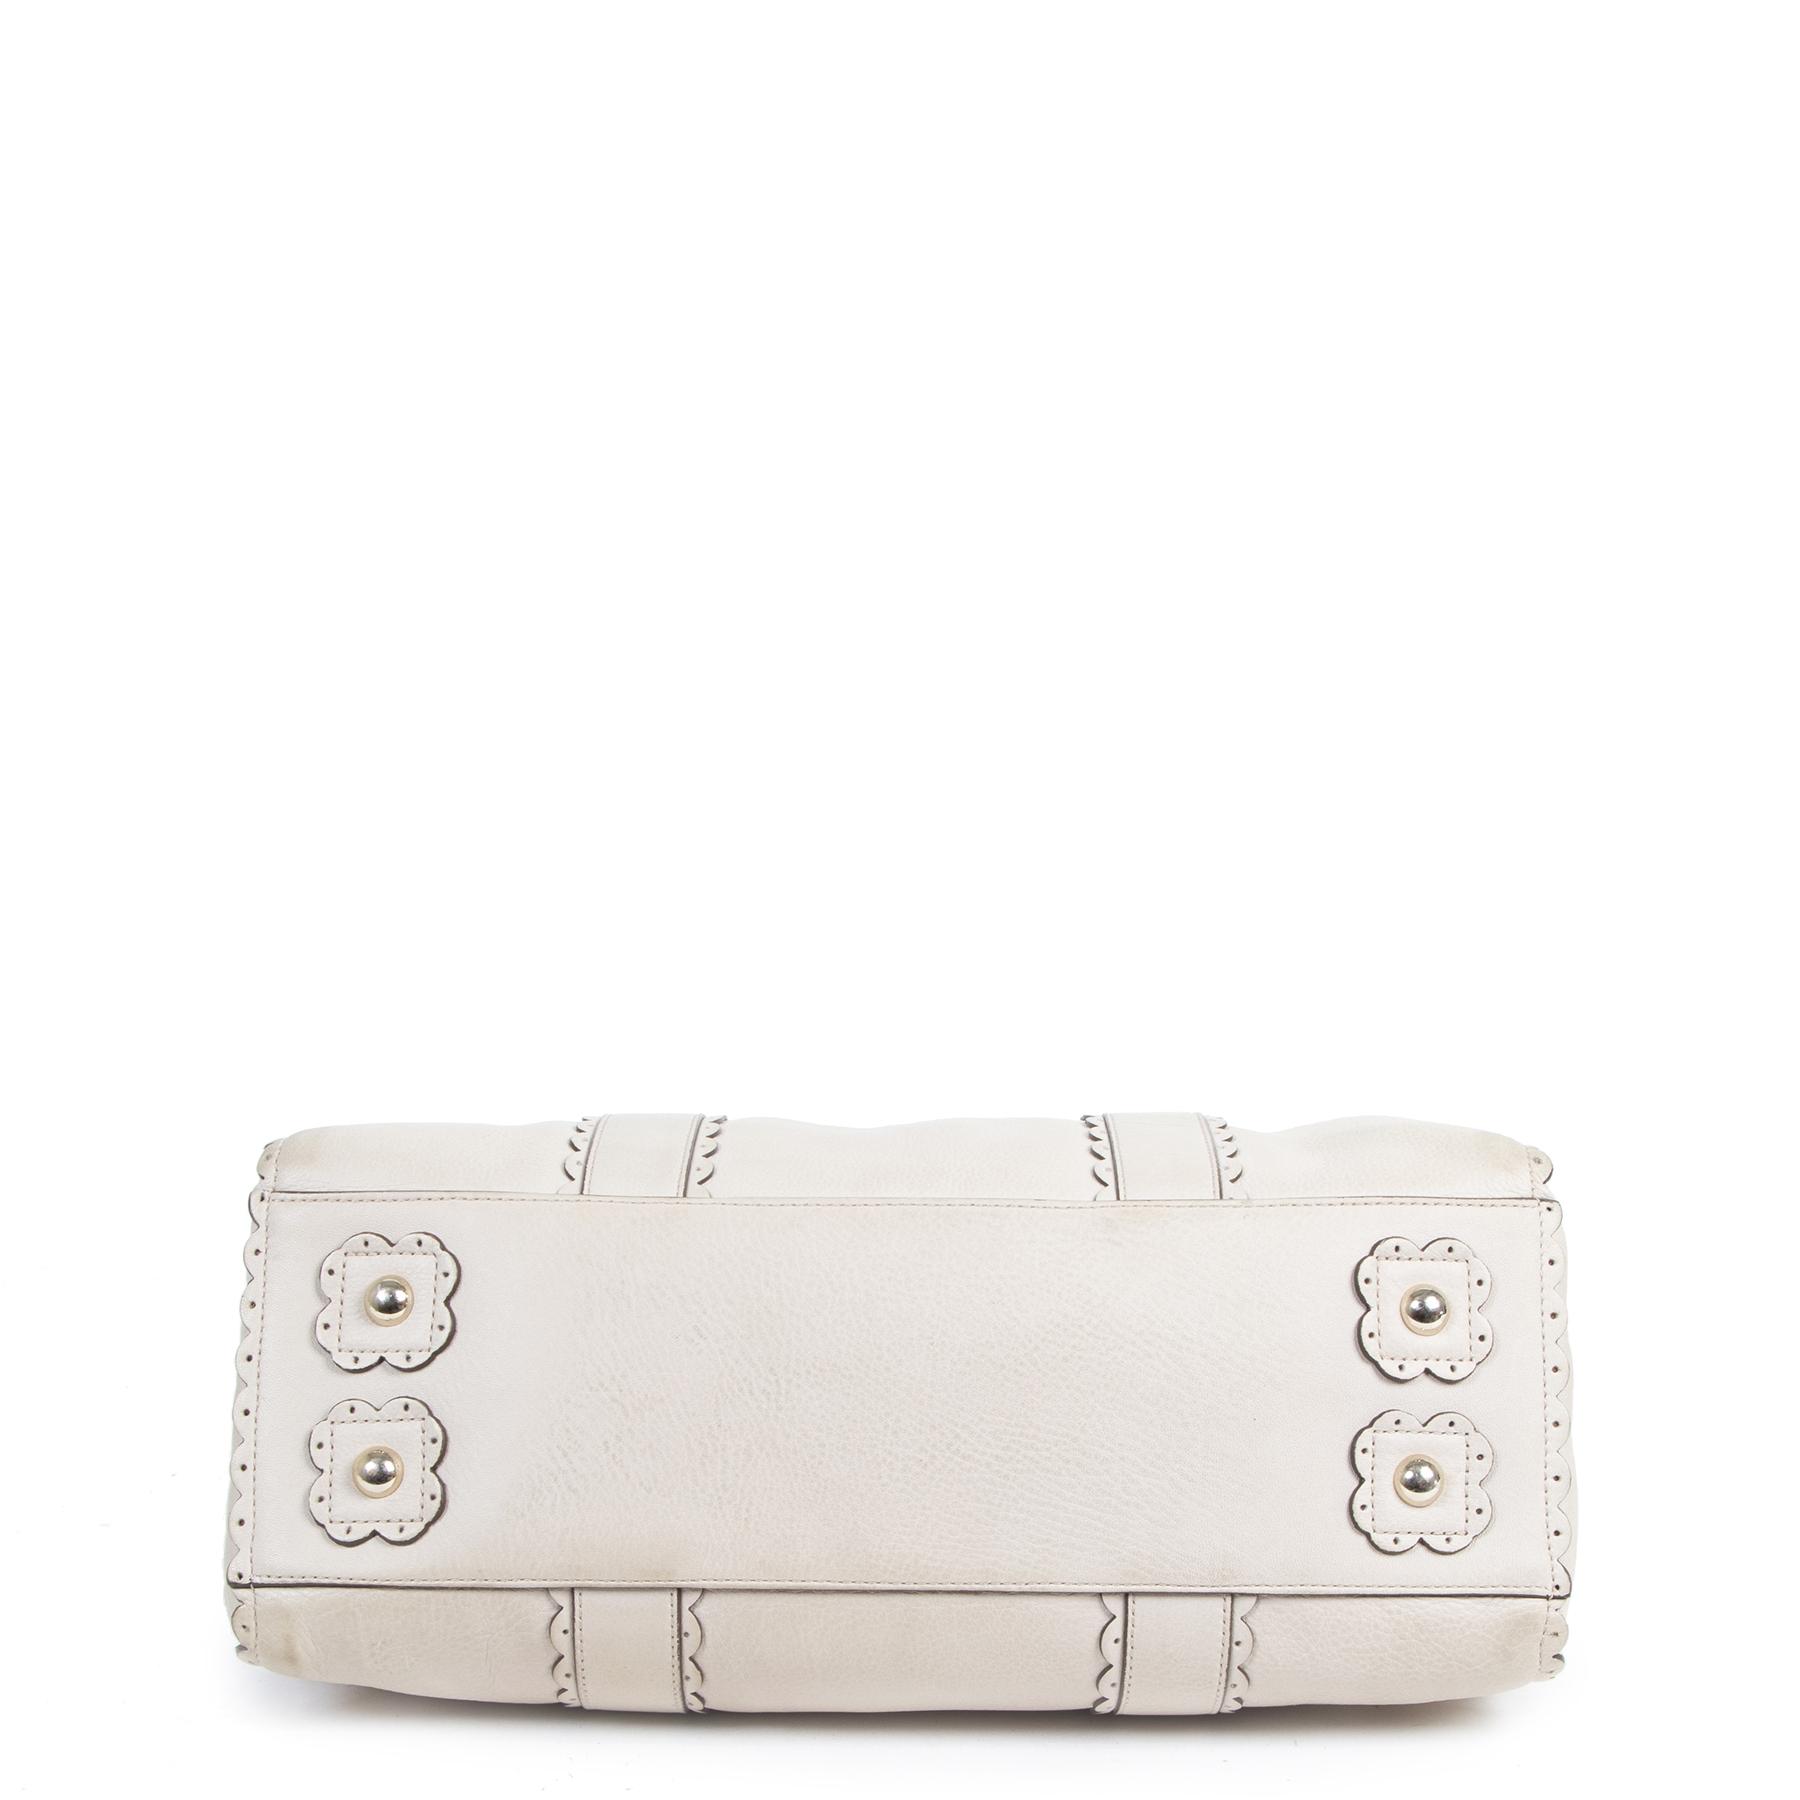 acheter en ligne seconde main Mulberry Cookie Bayswater Satchel Pebble Beige Top Handle Bag